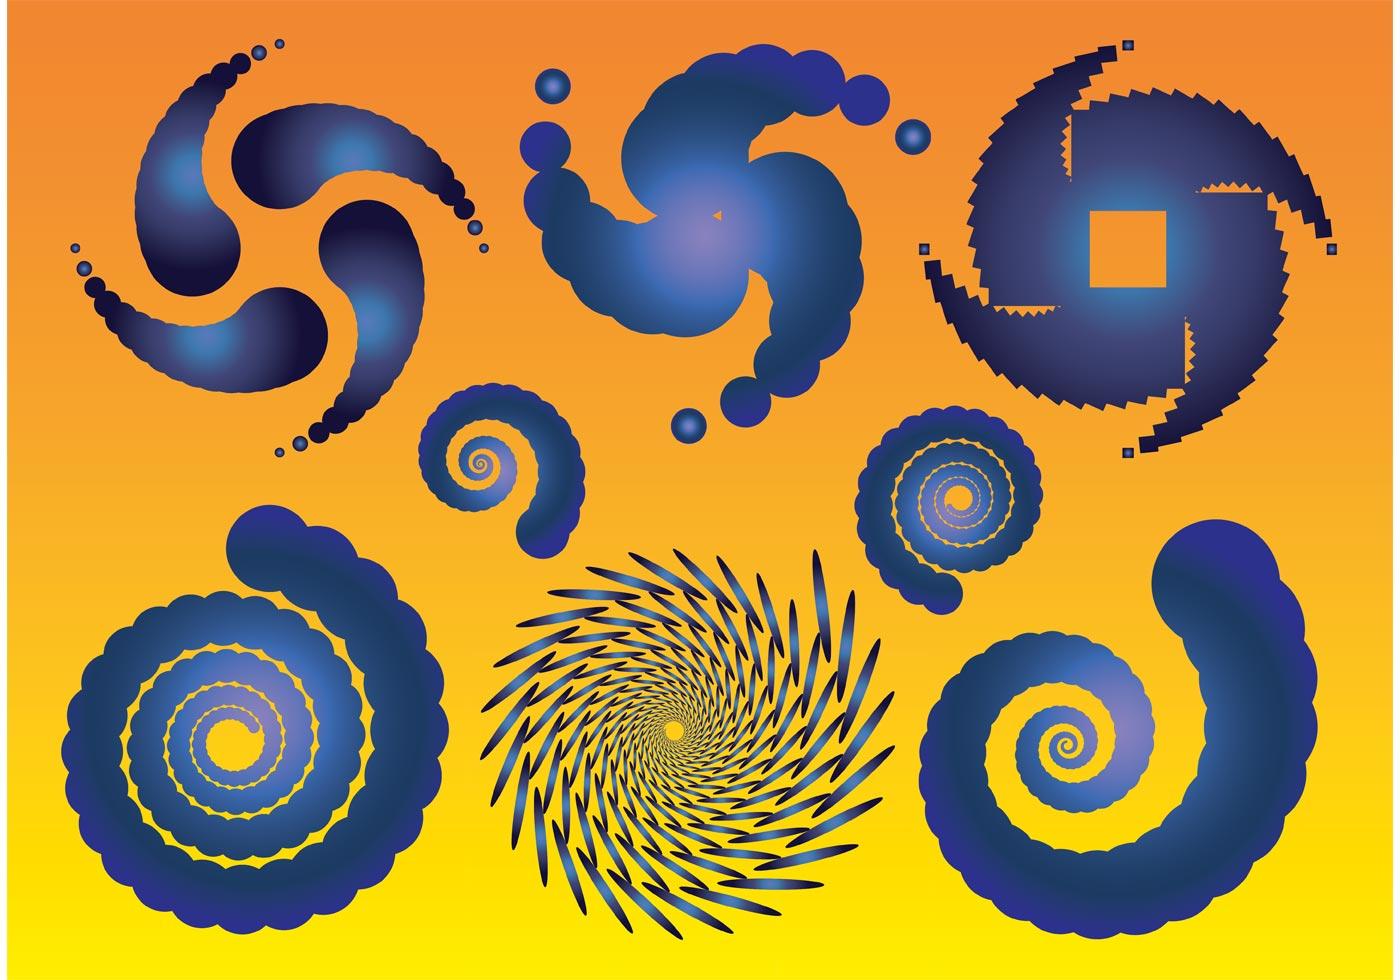 Spiral Vectors - Download Free Vector Art, Stock Graphics ...